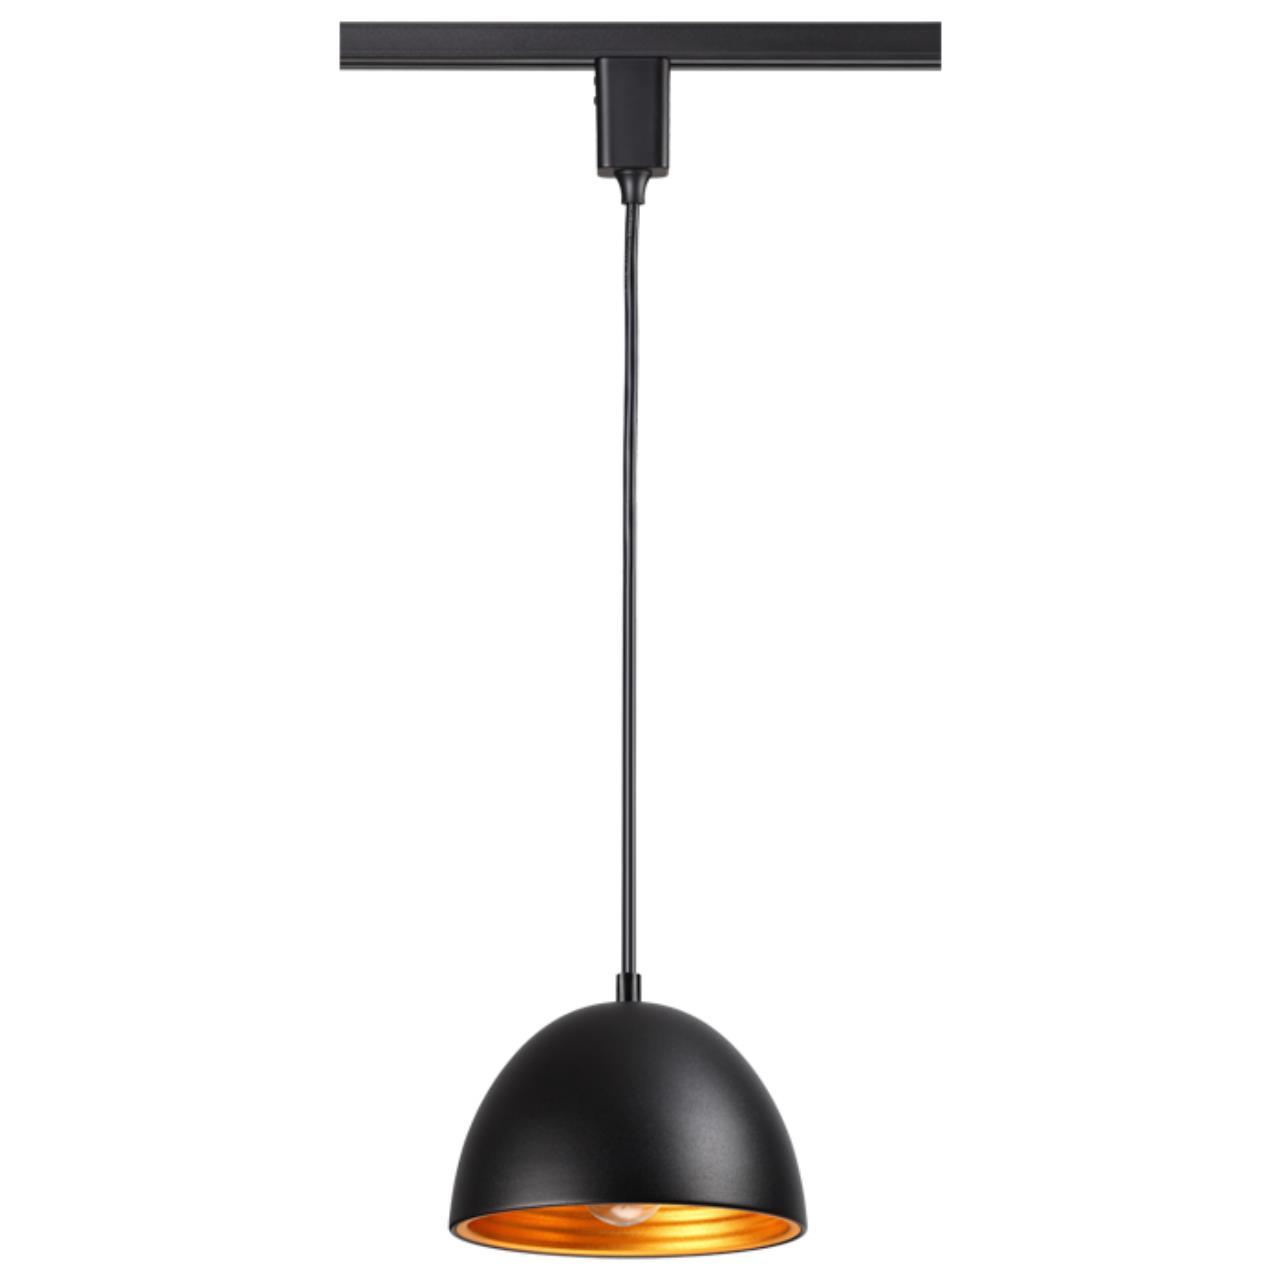 370562 PORT NT19 107 Черный Трековый светильник IP20 Е27 60W 230V VETERUM